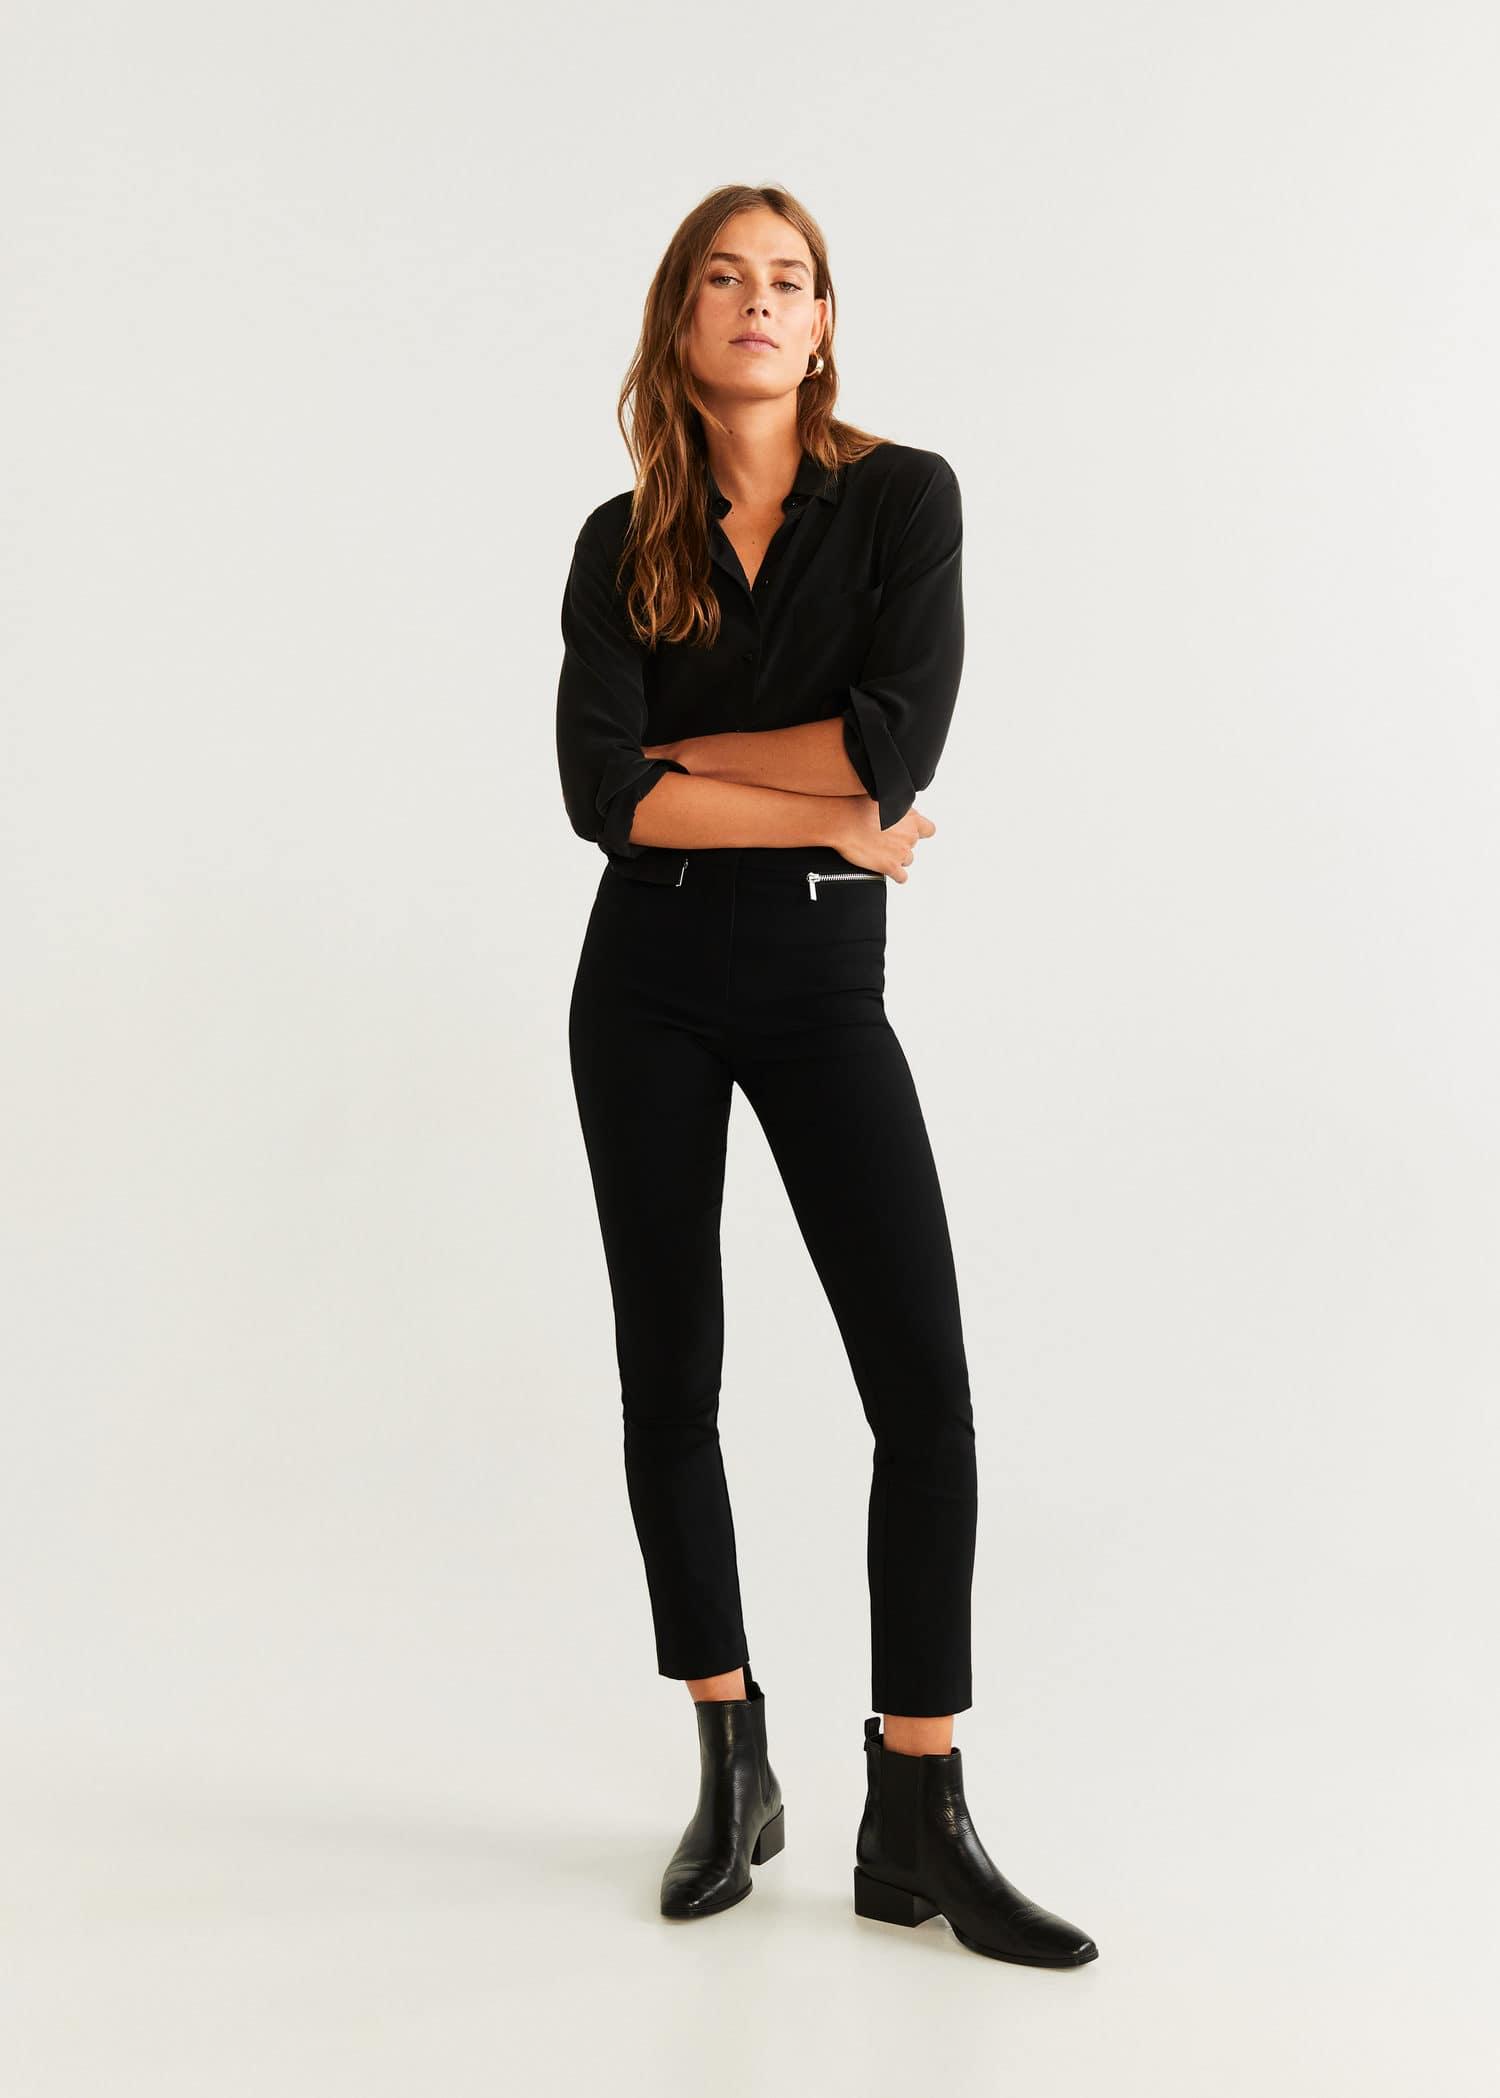 meilleure sélection prix abordable New York Pantalon pour Femme 2019 | Mango France